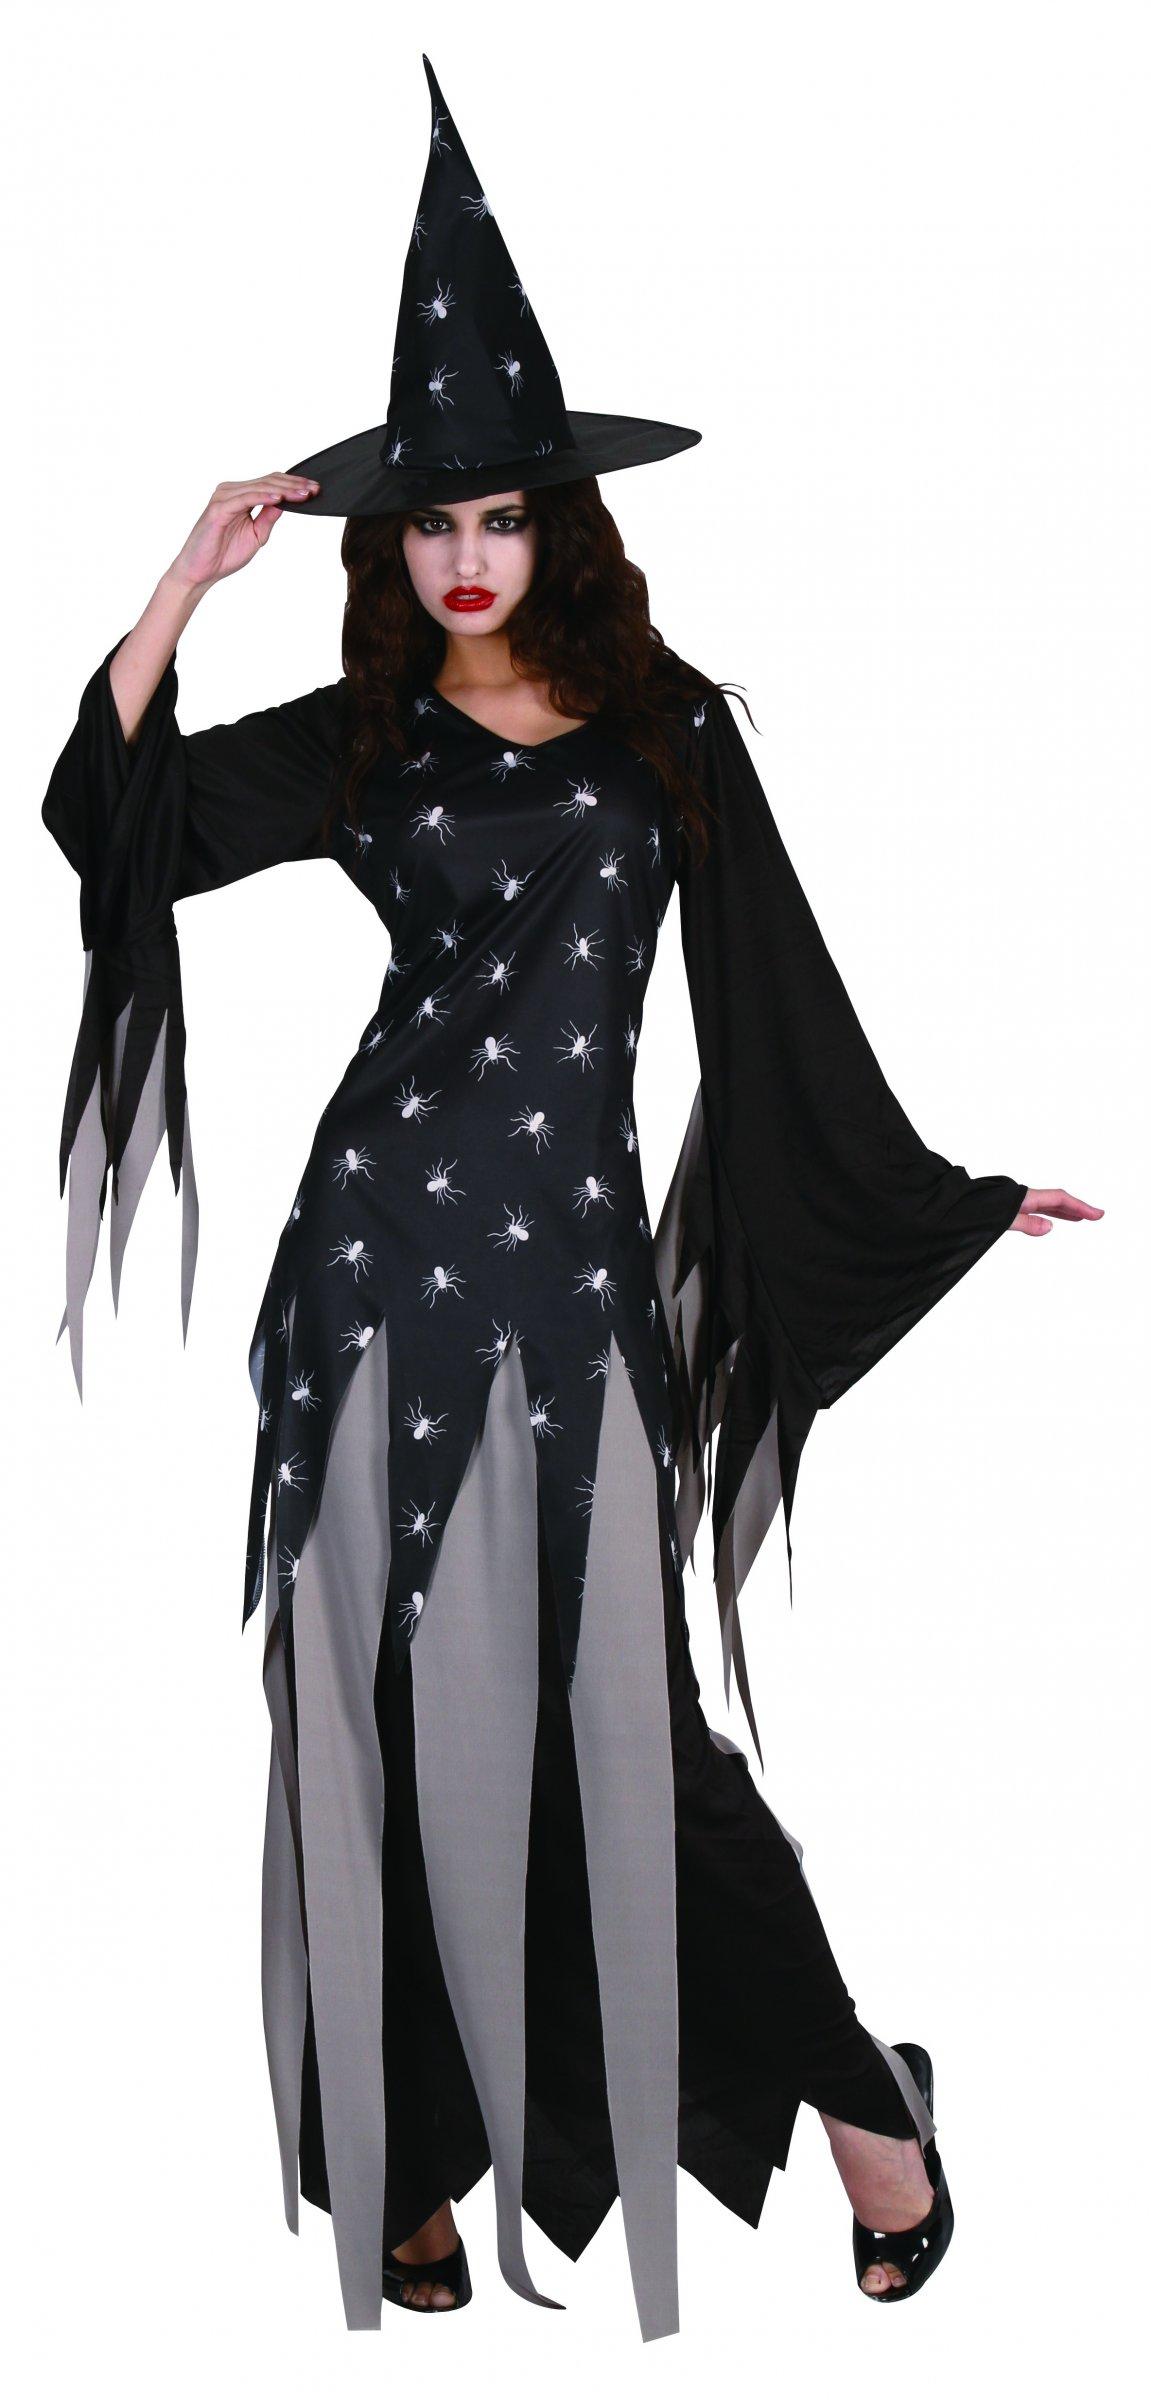 Deguisement Adulte Halloween A Faire Soi Meme.Deguisement Sorciere Terne Femme Halloween Deguisements Cadeaux Pas Chers Boutique Arlequin Suisse